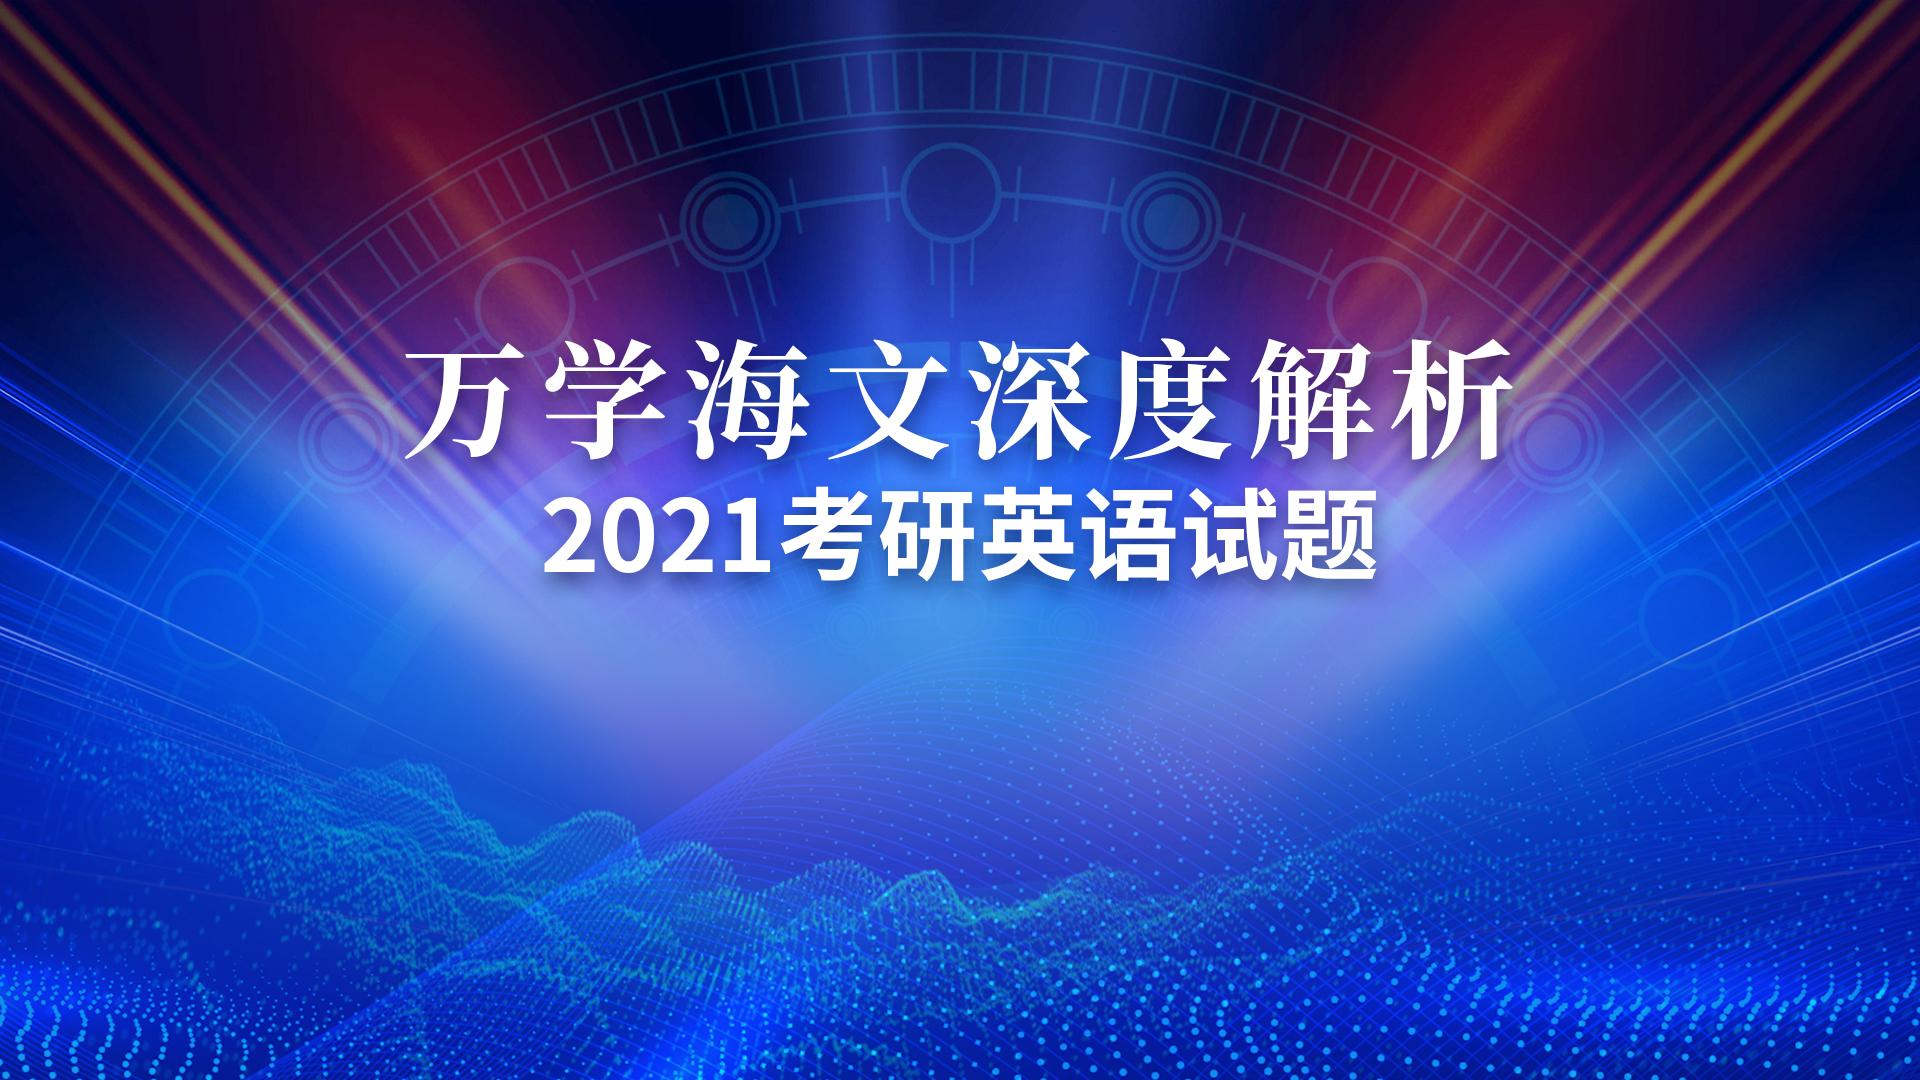 万学海文老师徐雯、姜鹏浩做客中国教育在线深度解析2021考研英语试题